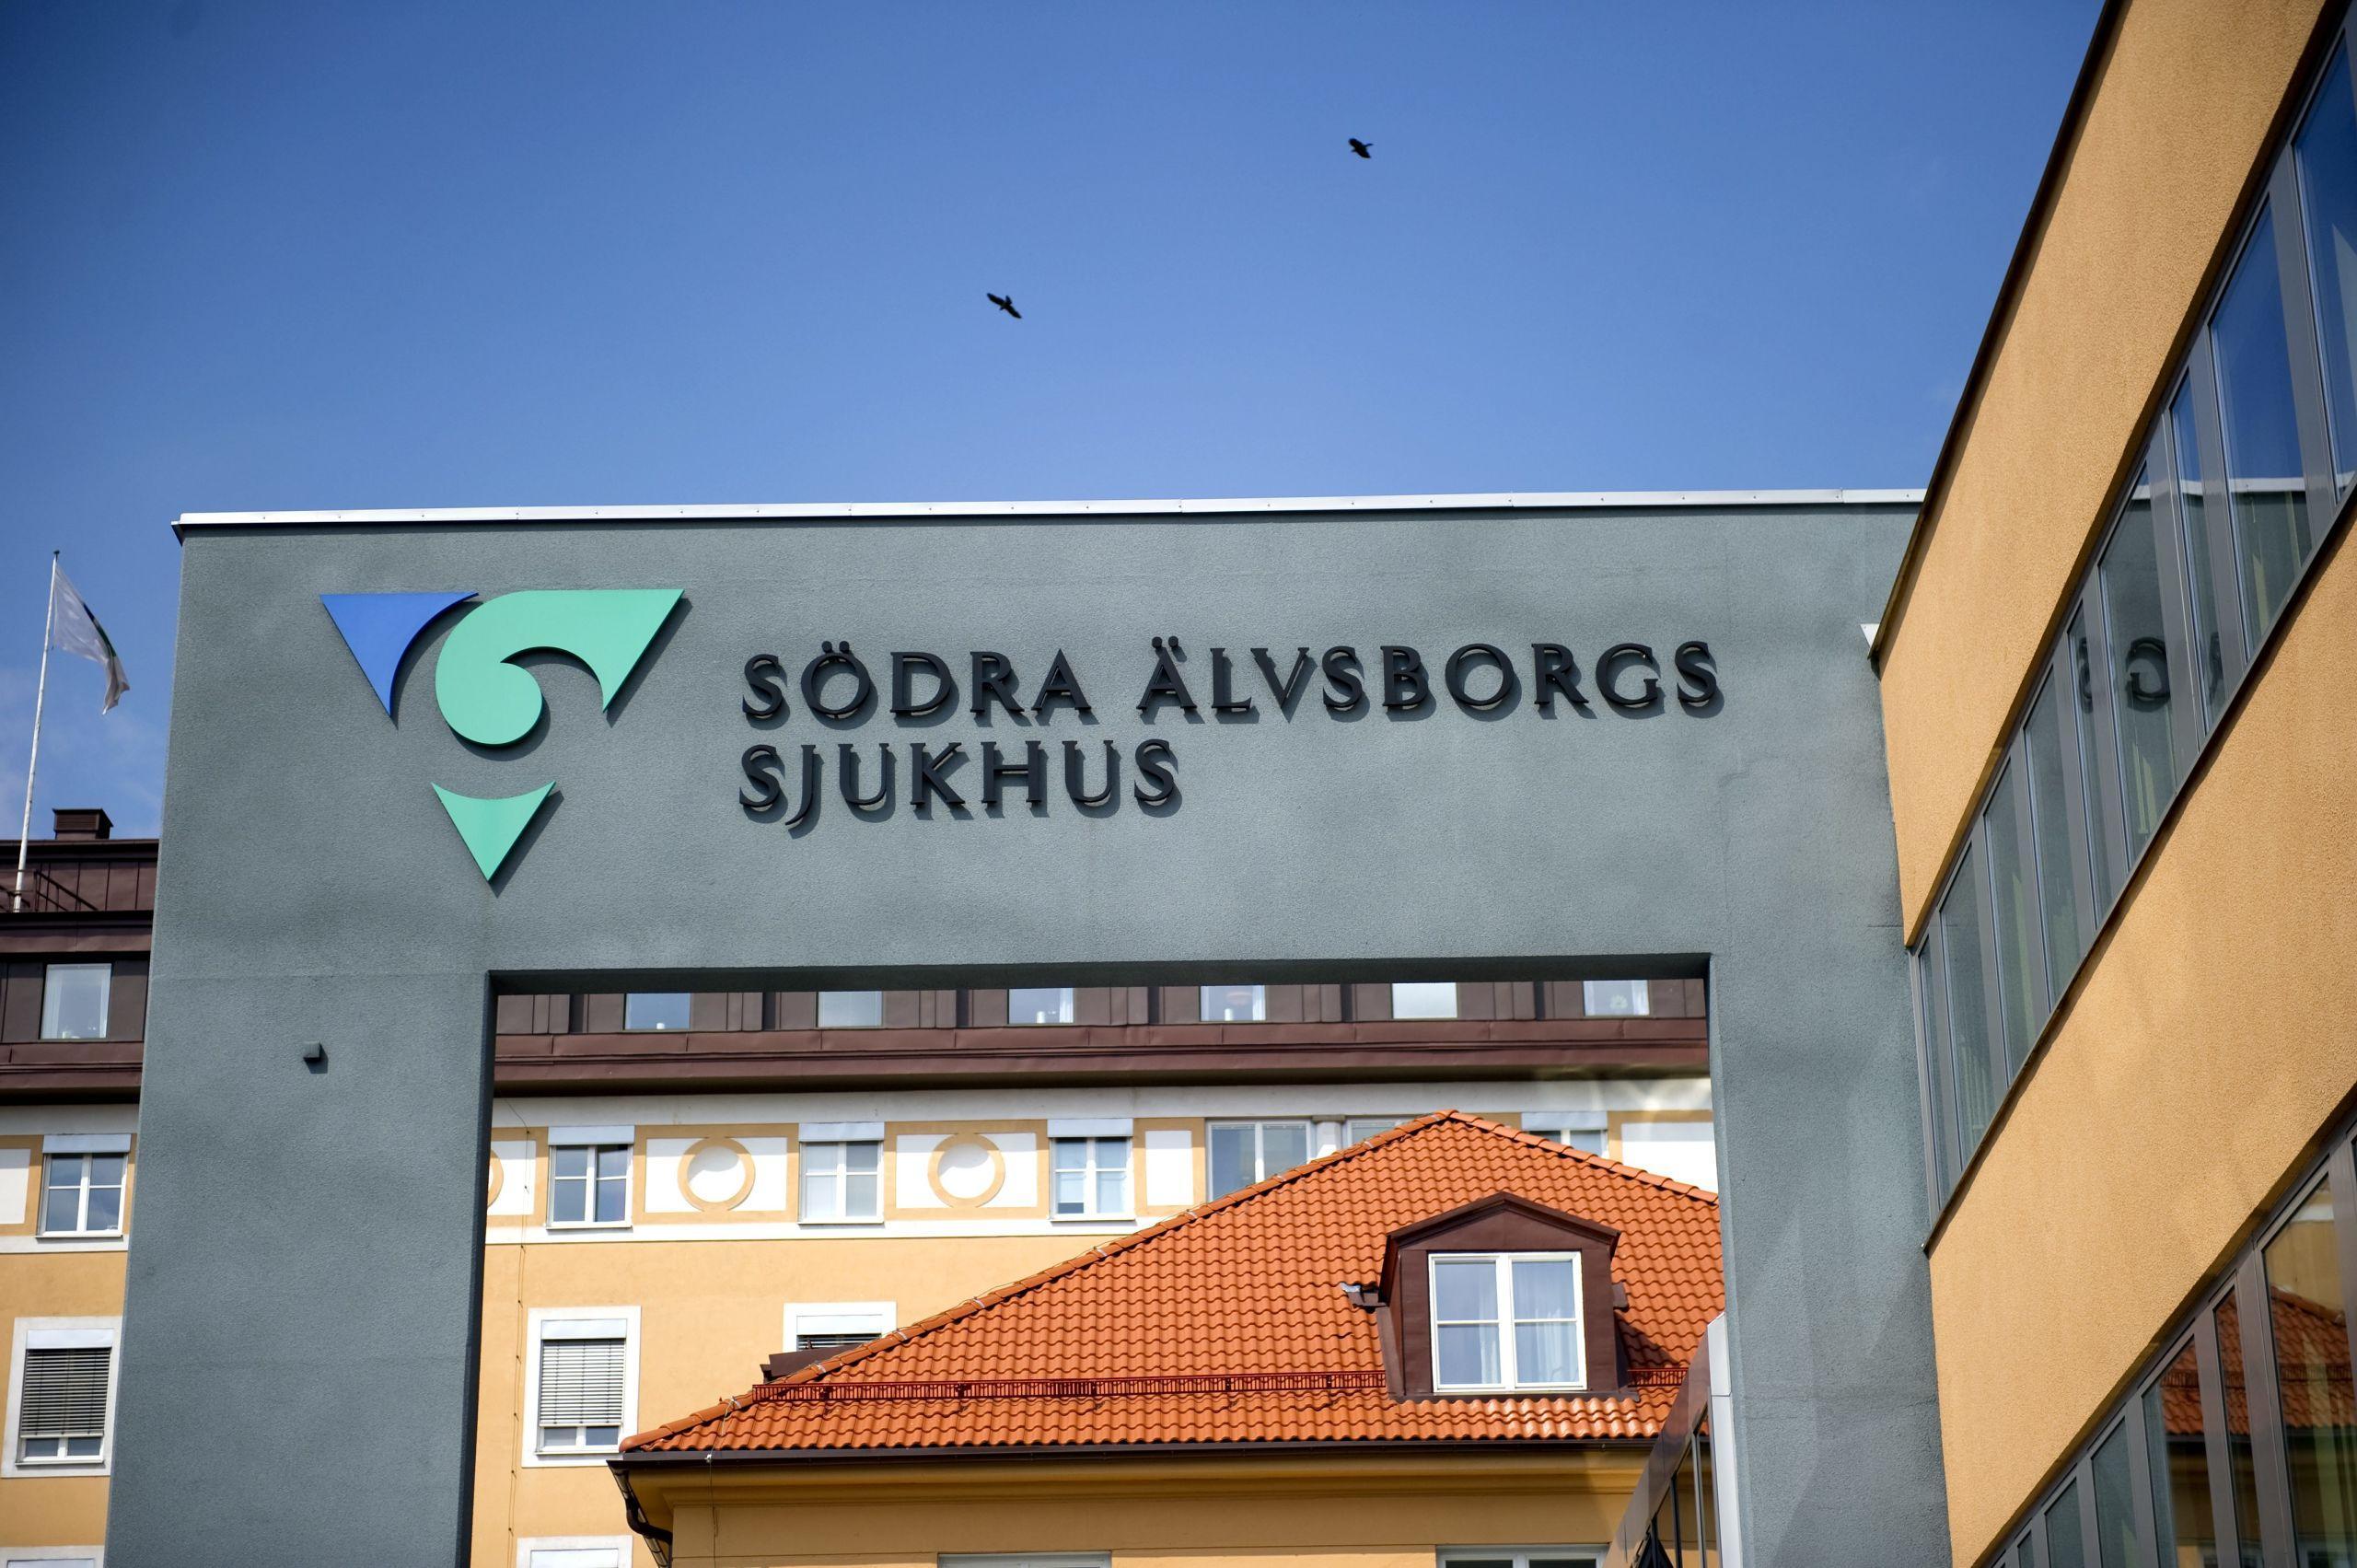 Nytt coronafall bekräftat i Västra Götaland – det första i Borås